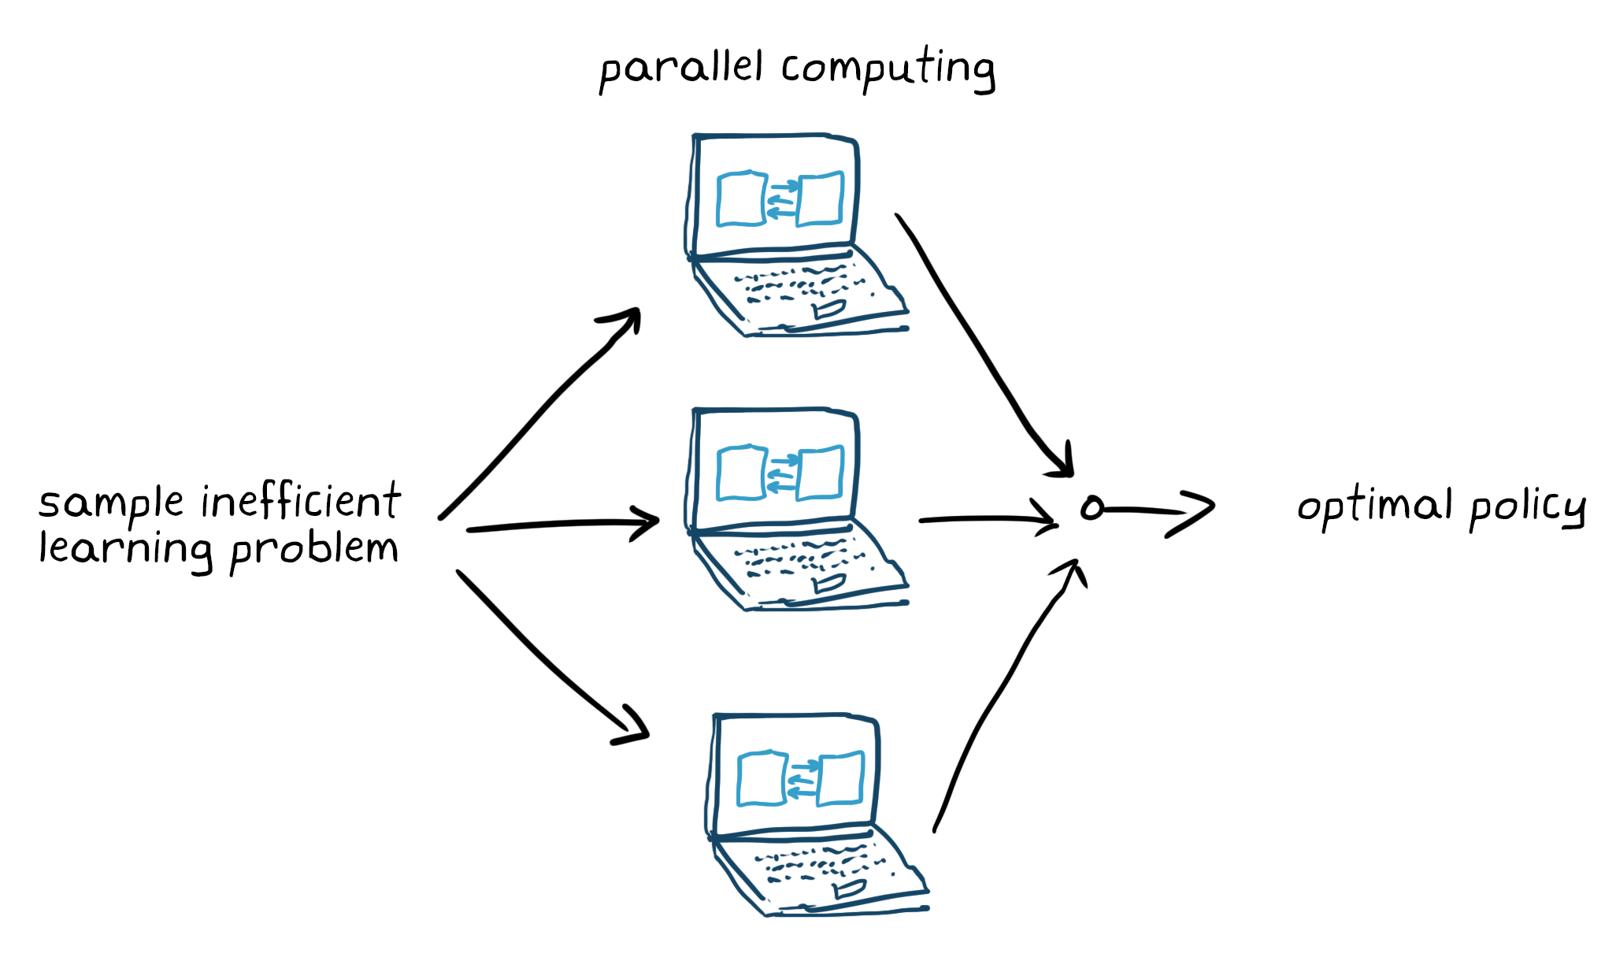 Figure5. Entraîner les modèles de Reinforcement Learningavec le calcul parallèle